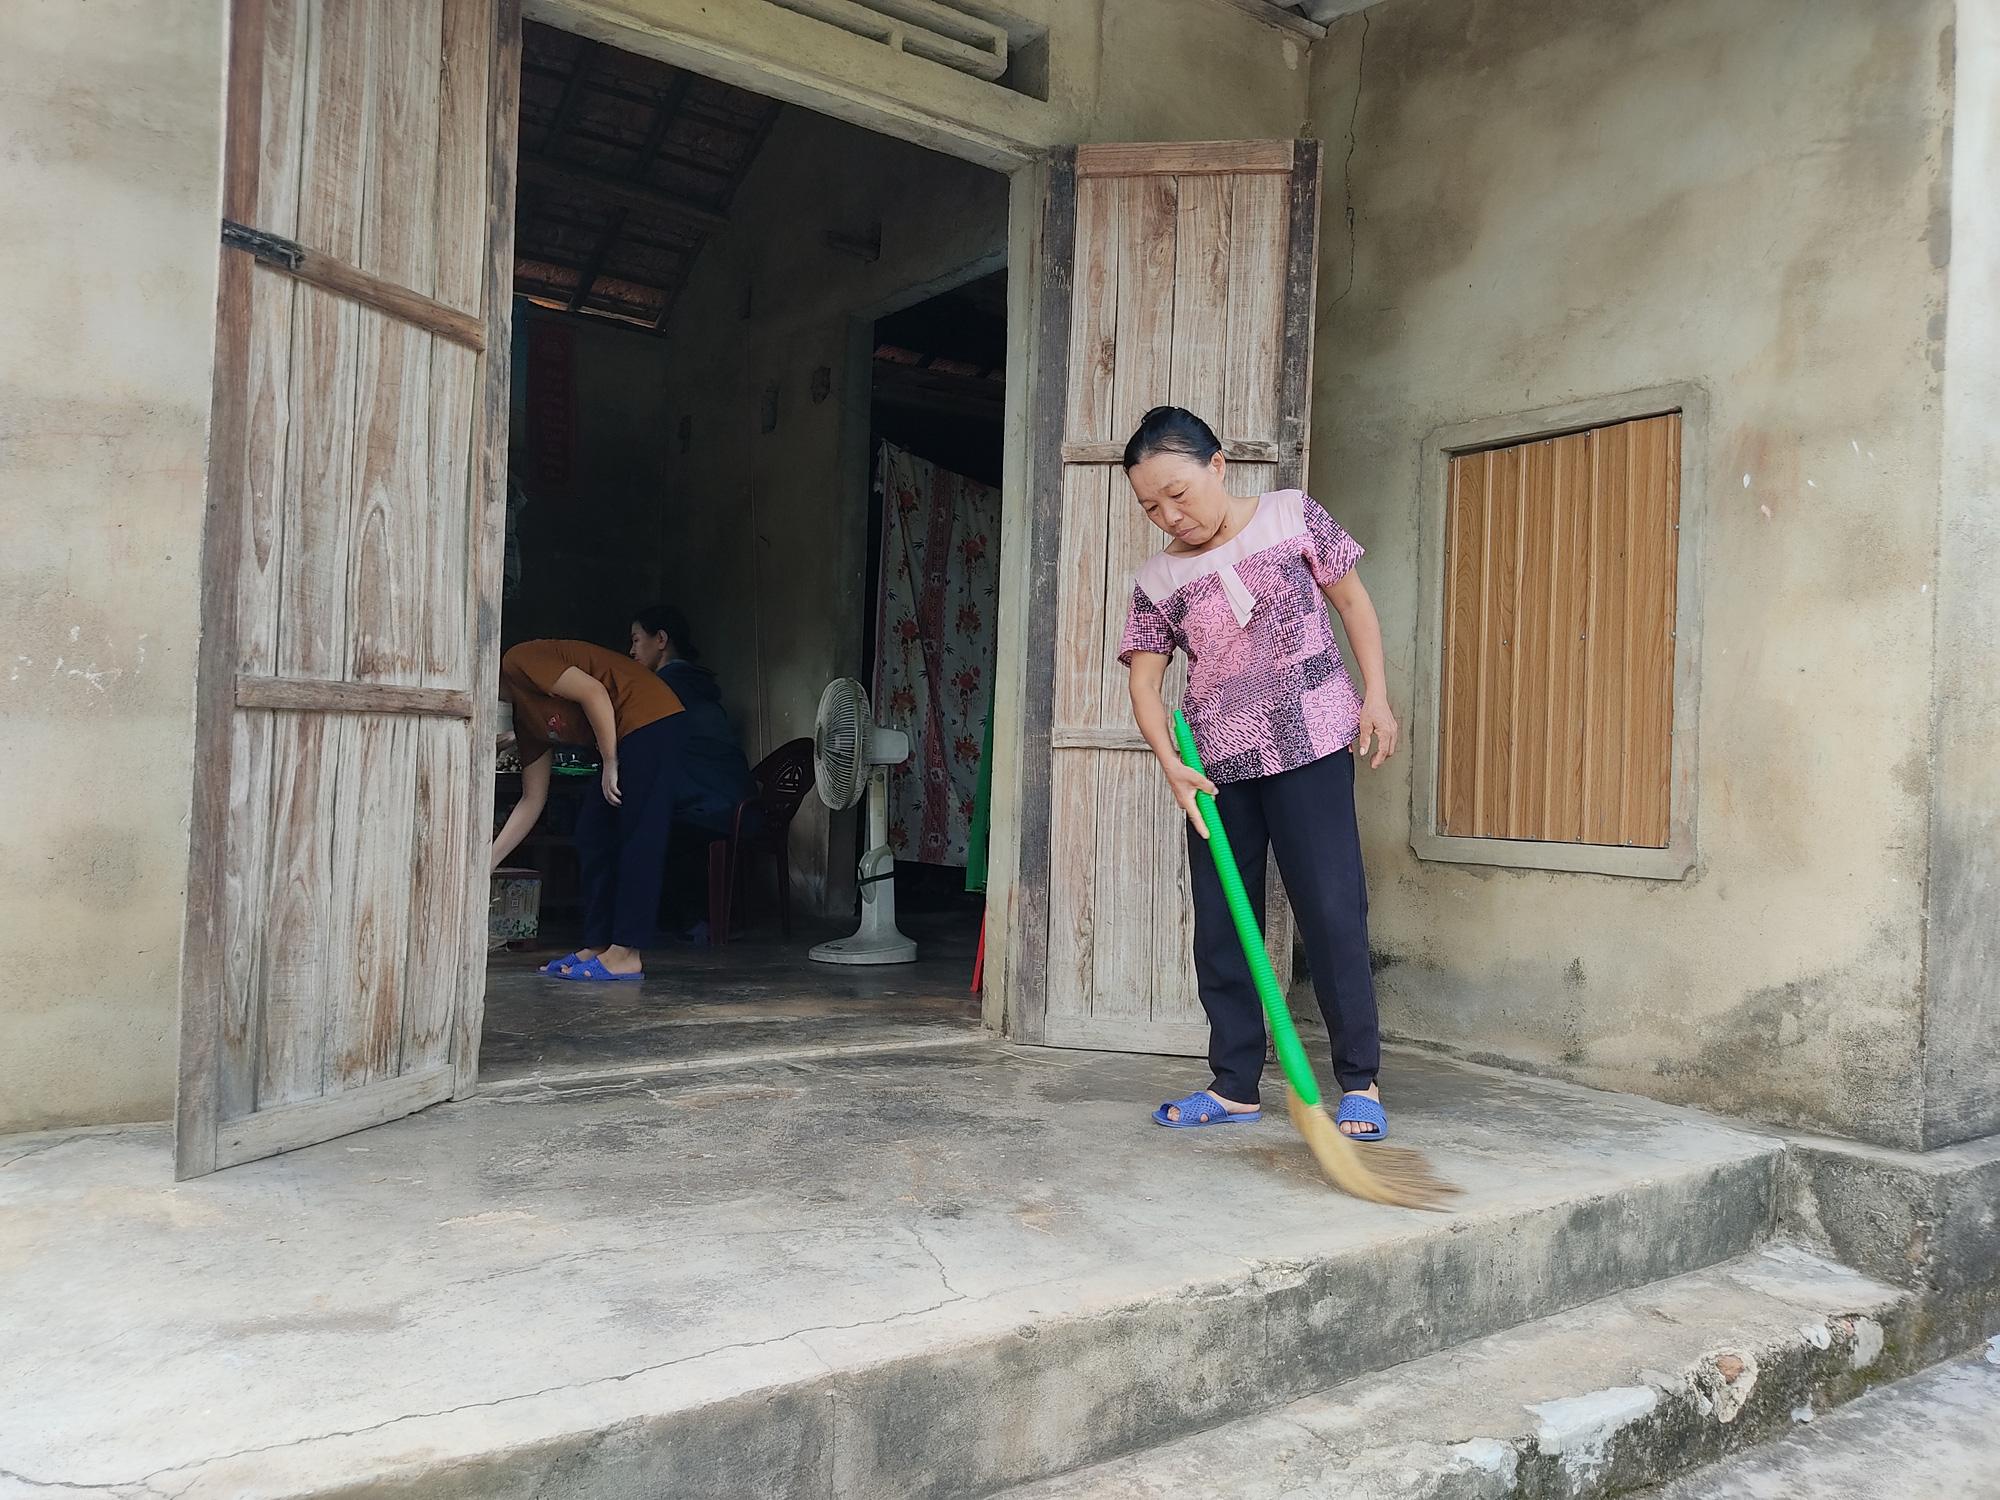 Nữ sinh nghèo có nguy cơ bỏ dở ước mơ vào giảng đường - Ảnh 5.